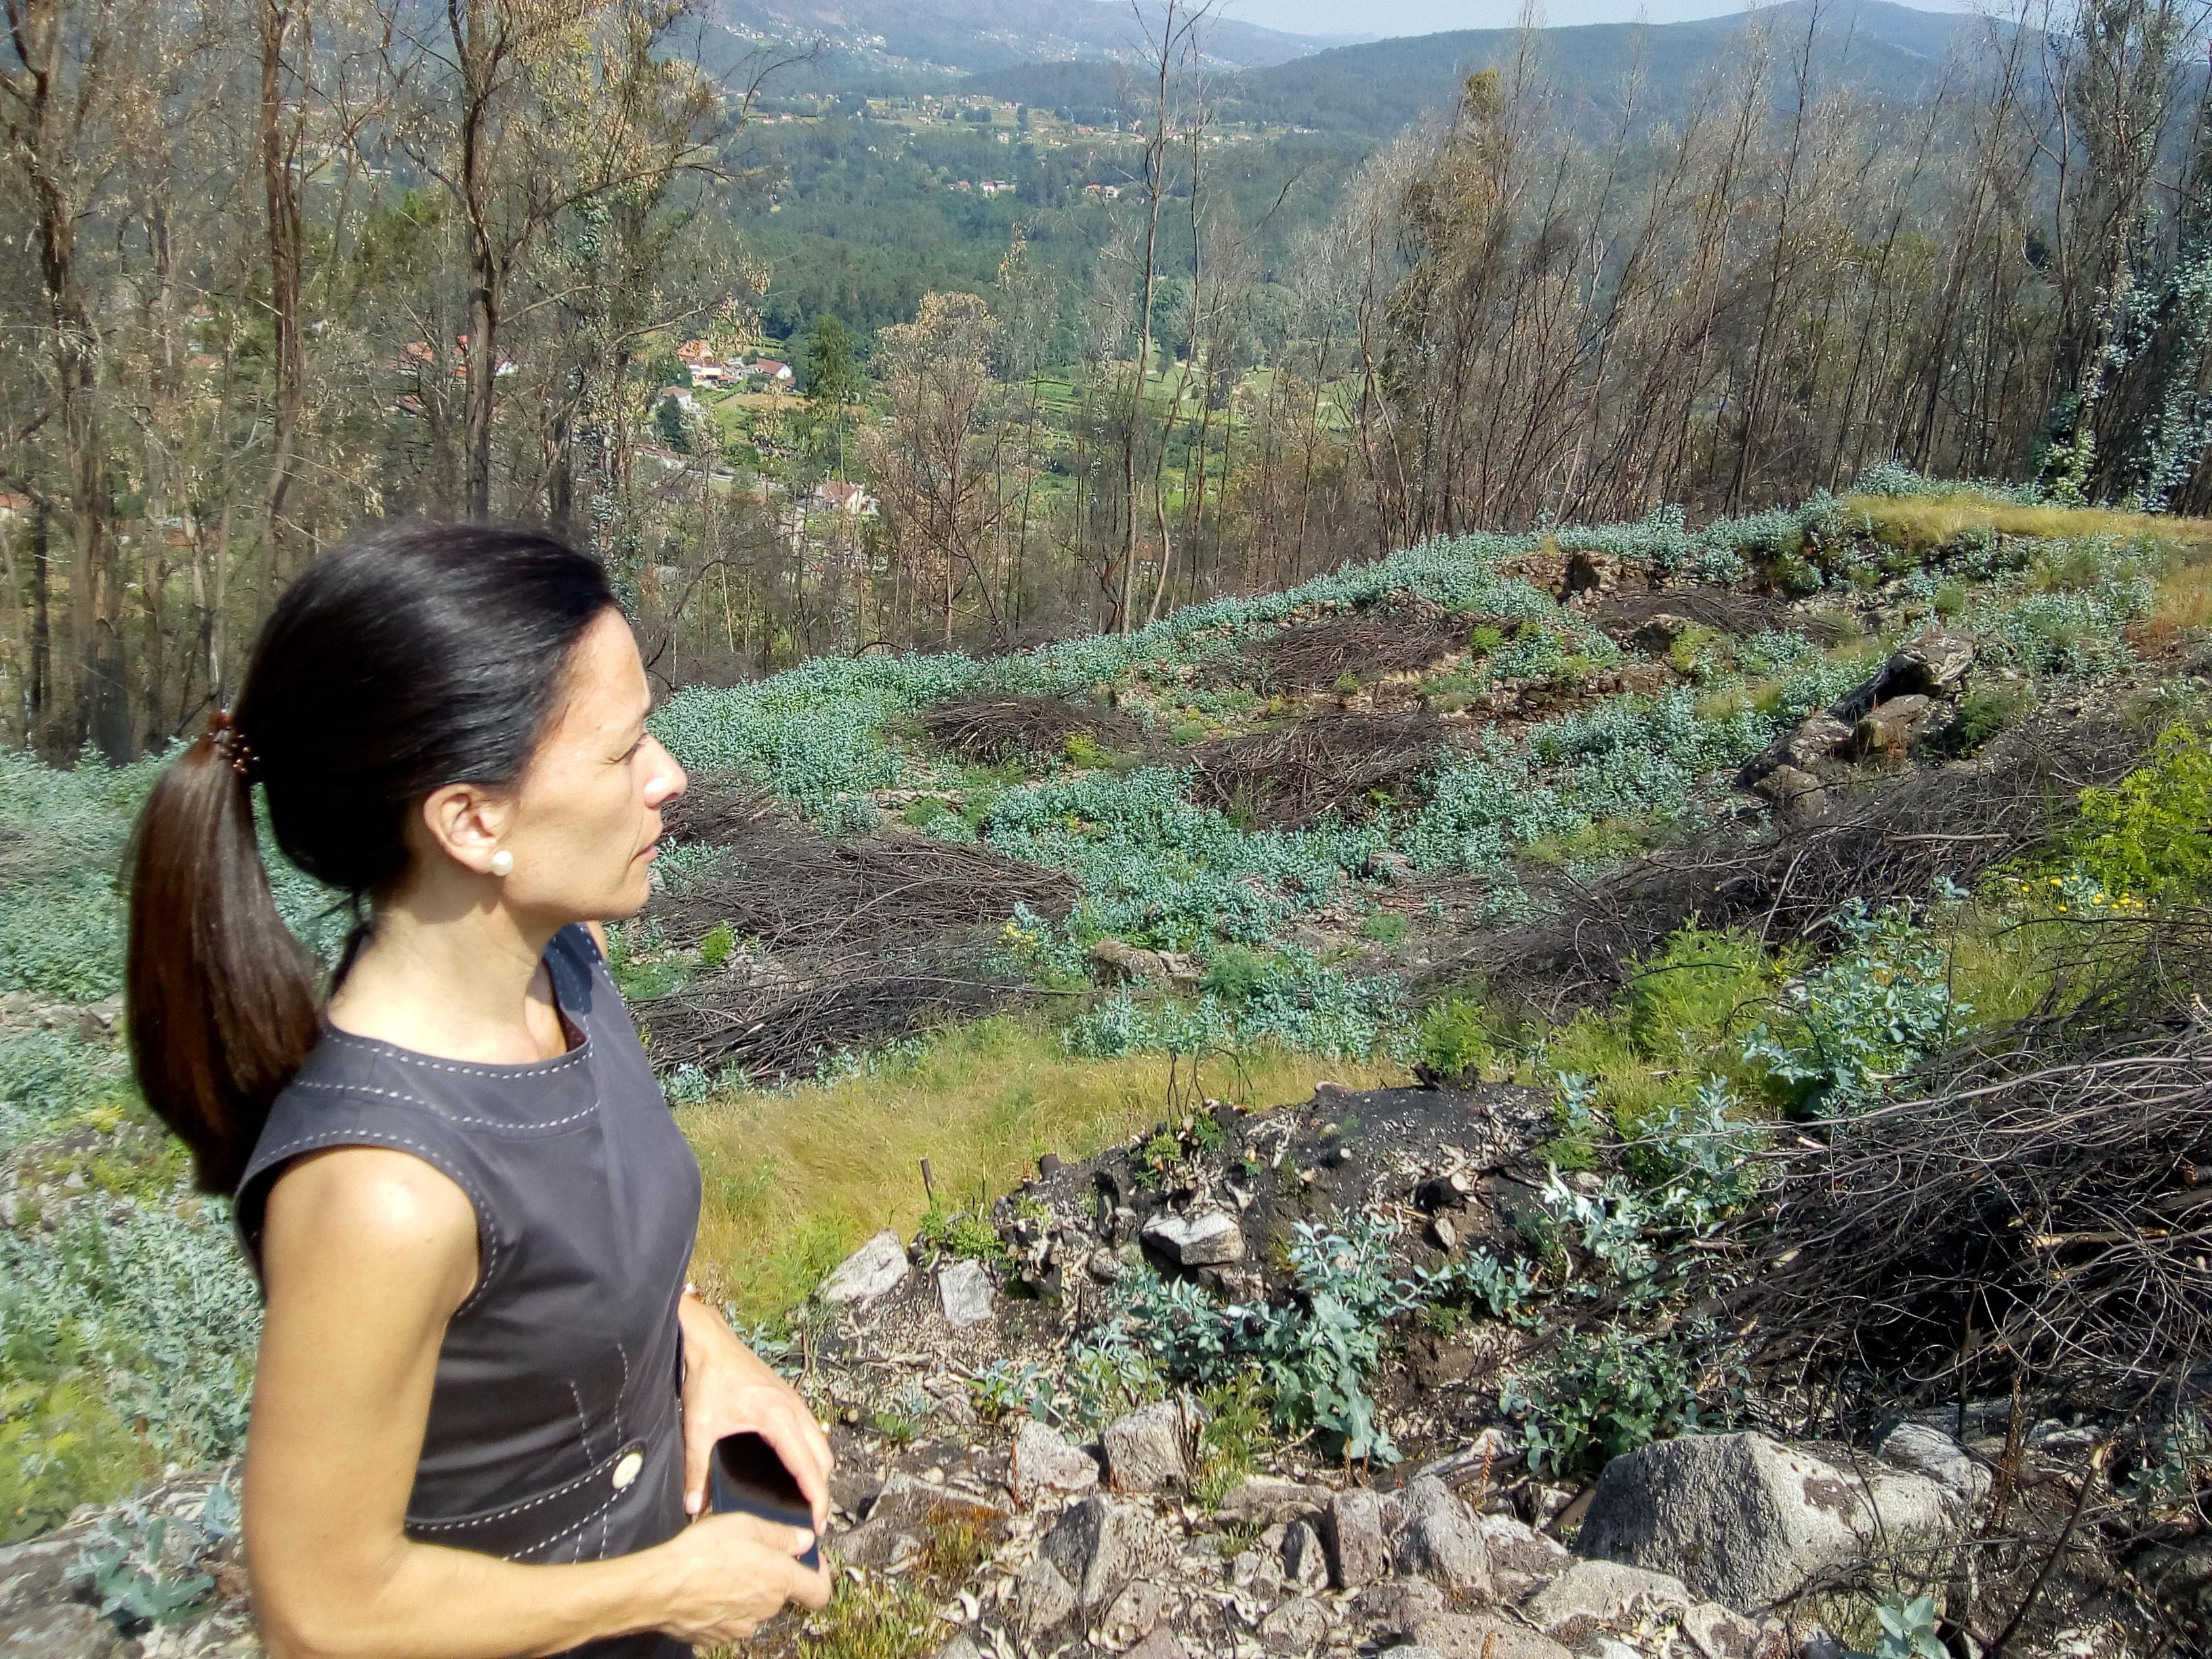 Un Recurso Turístico Tan Importante Para Ponteareas Como é O Castro De Troña Presenta Un Estado De Abandono Total